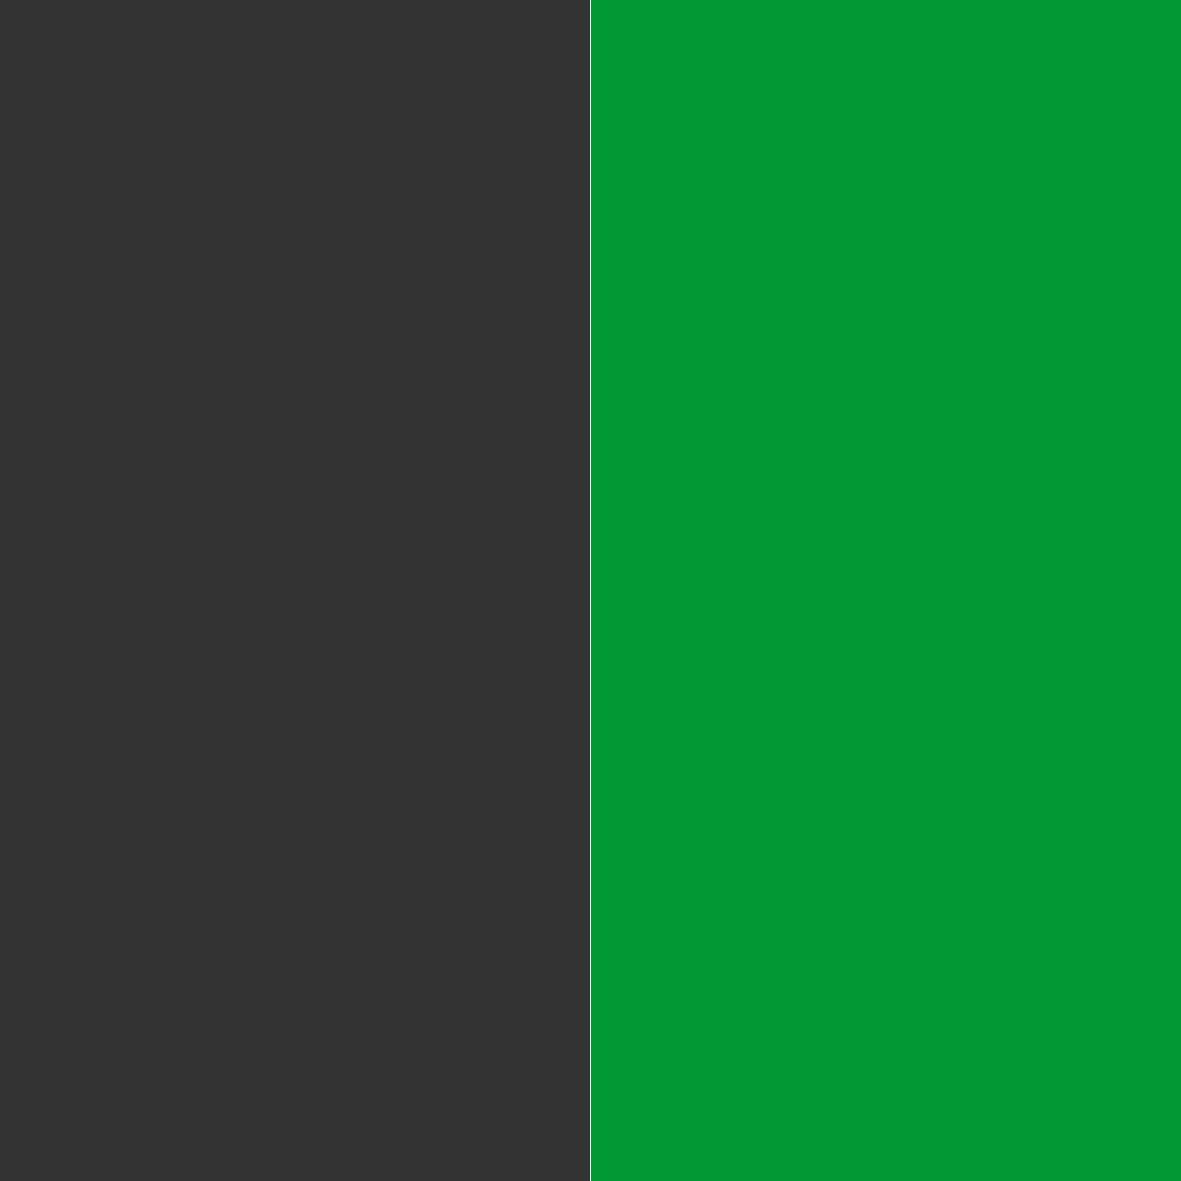 графит/зеленый_333333/009933